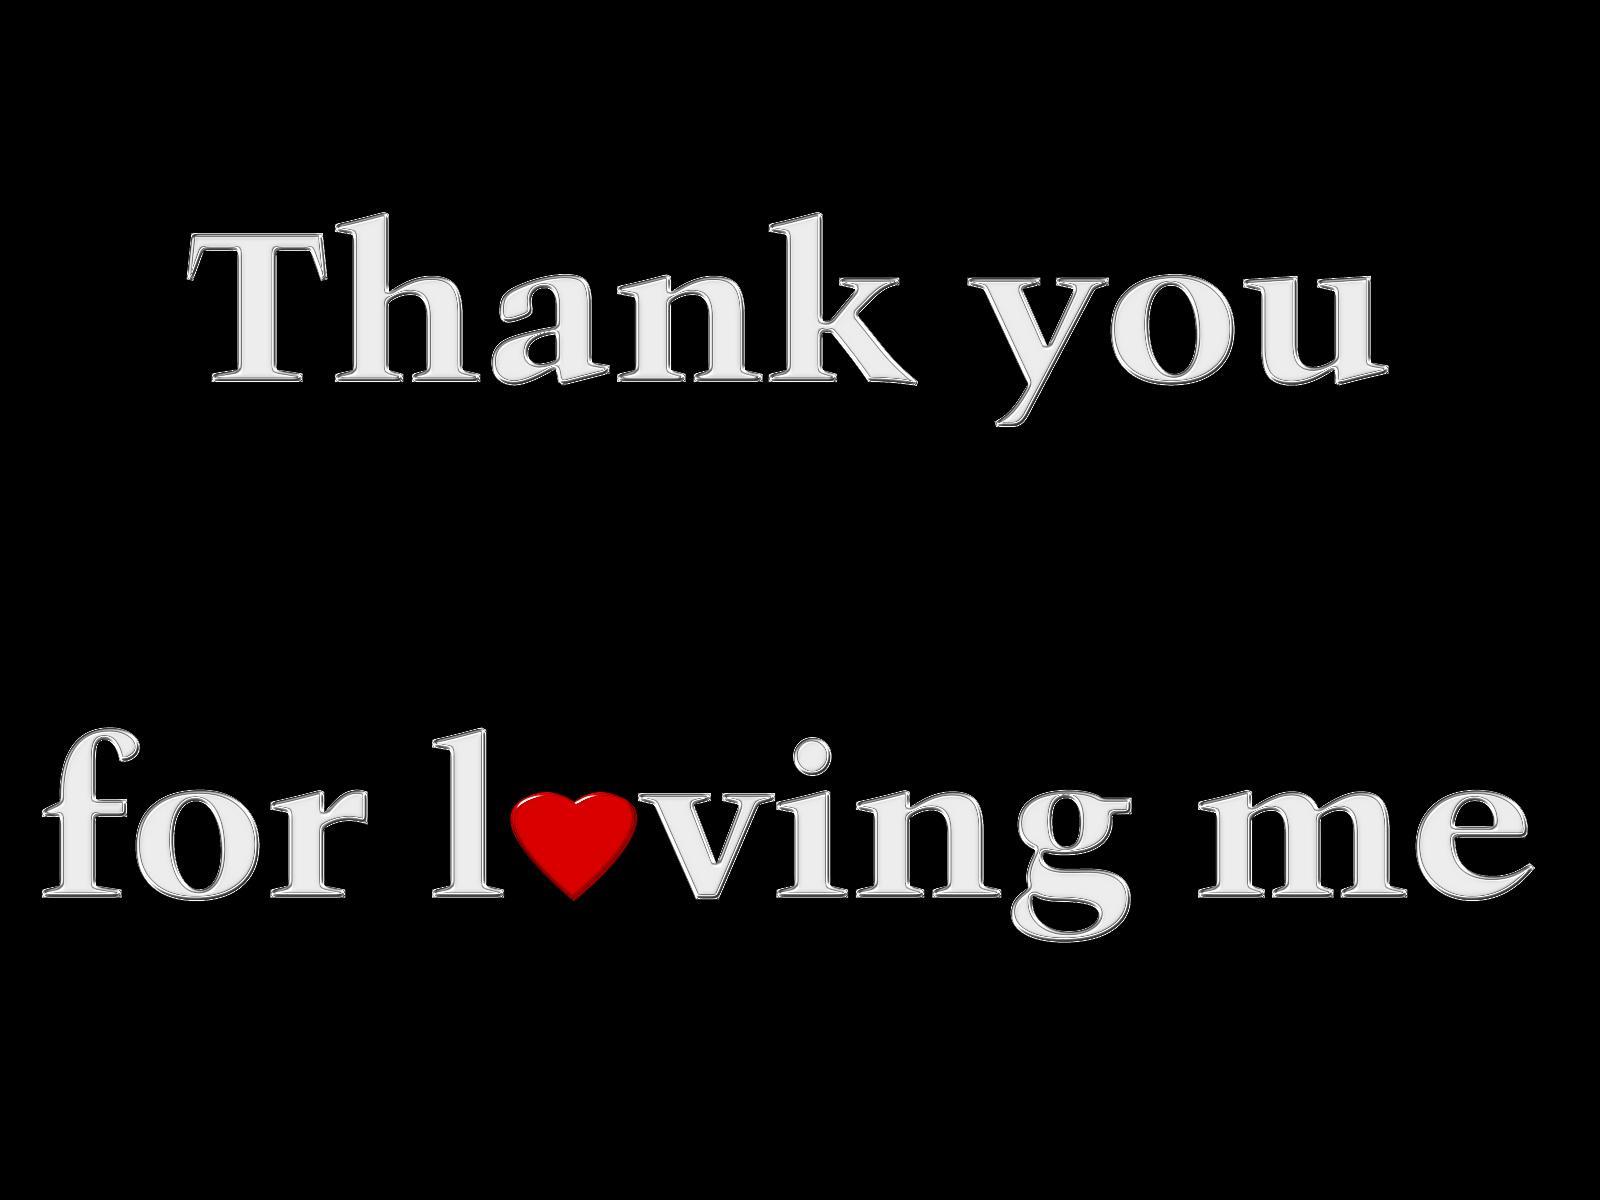 hinh nen thank you 15